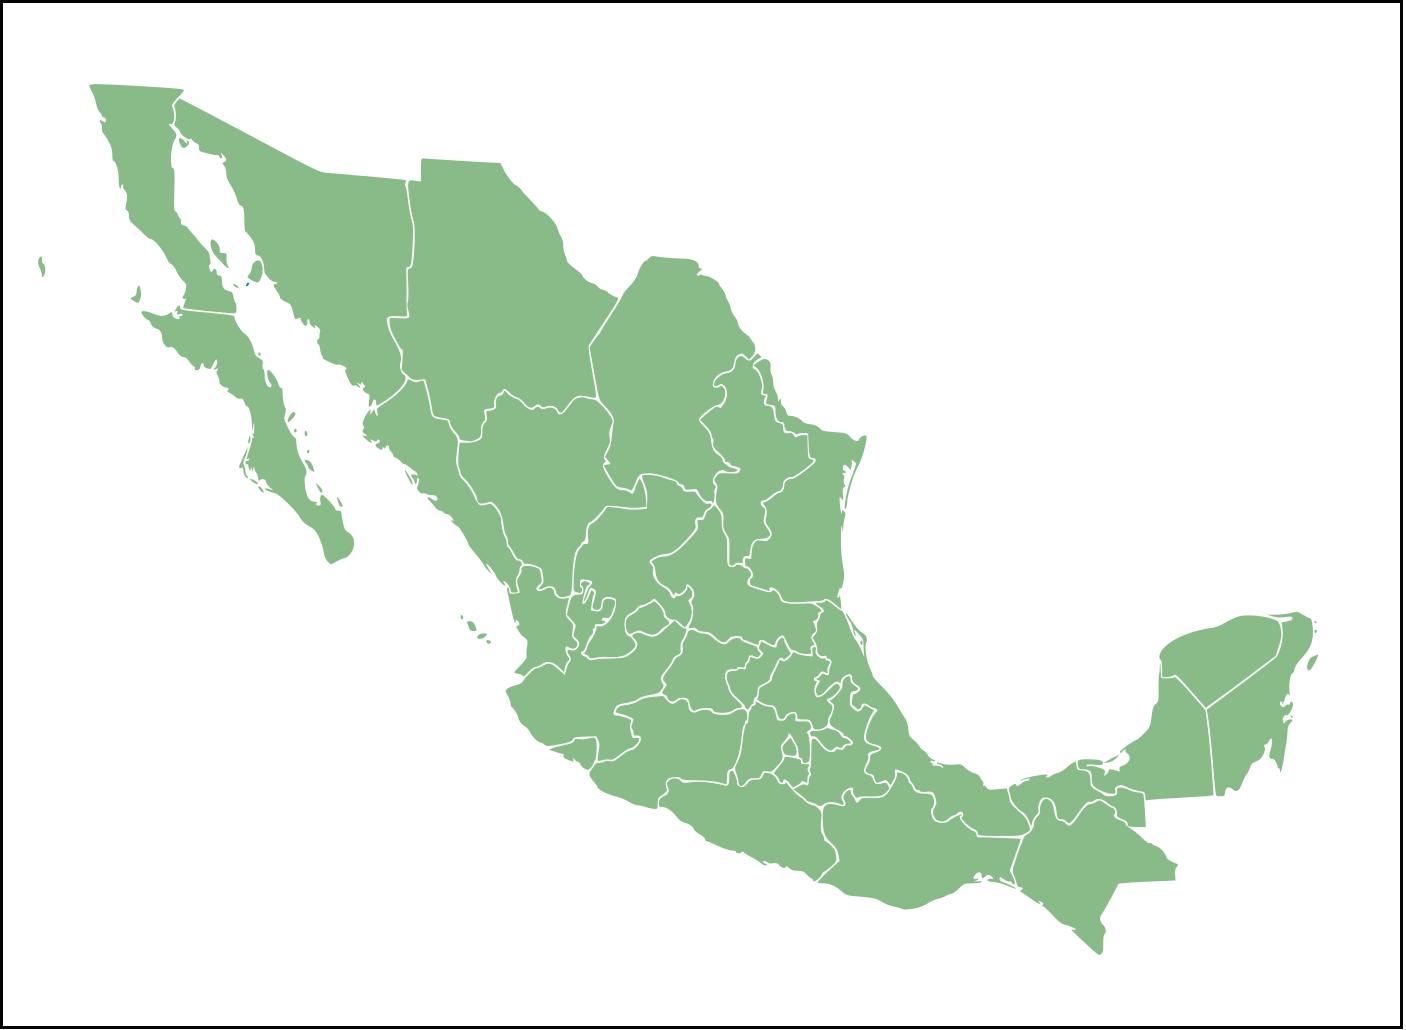 Mapa de México con nombres y división política (3)